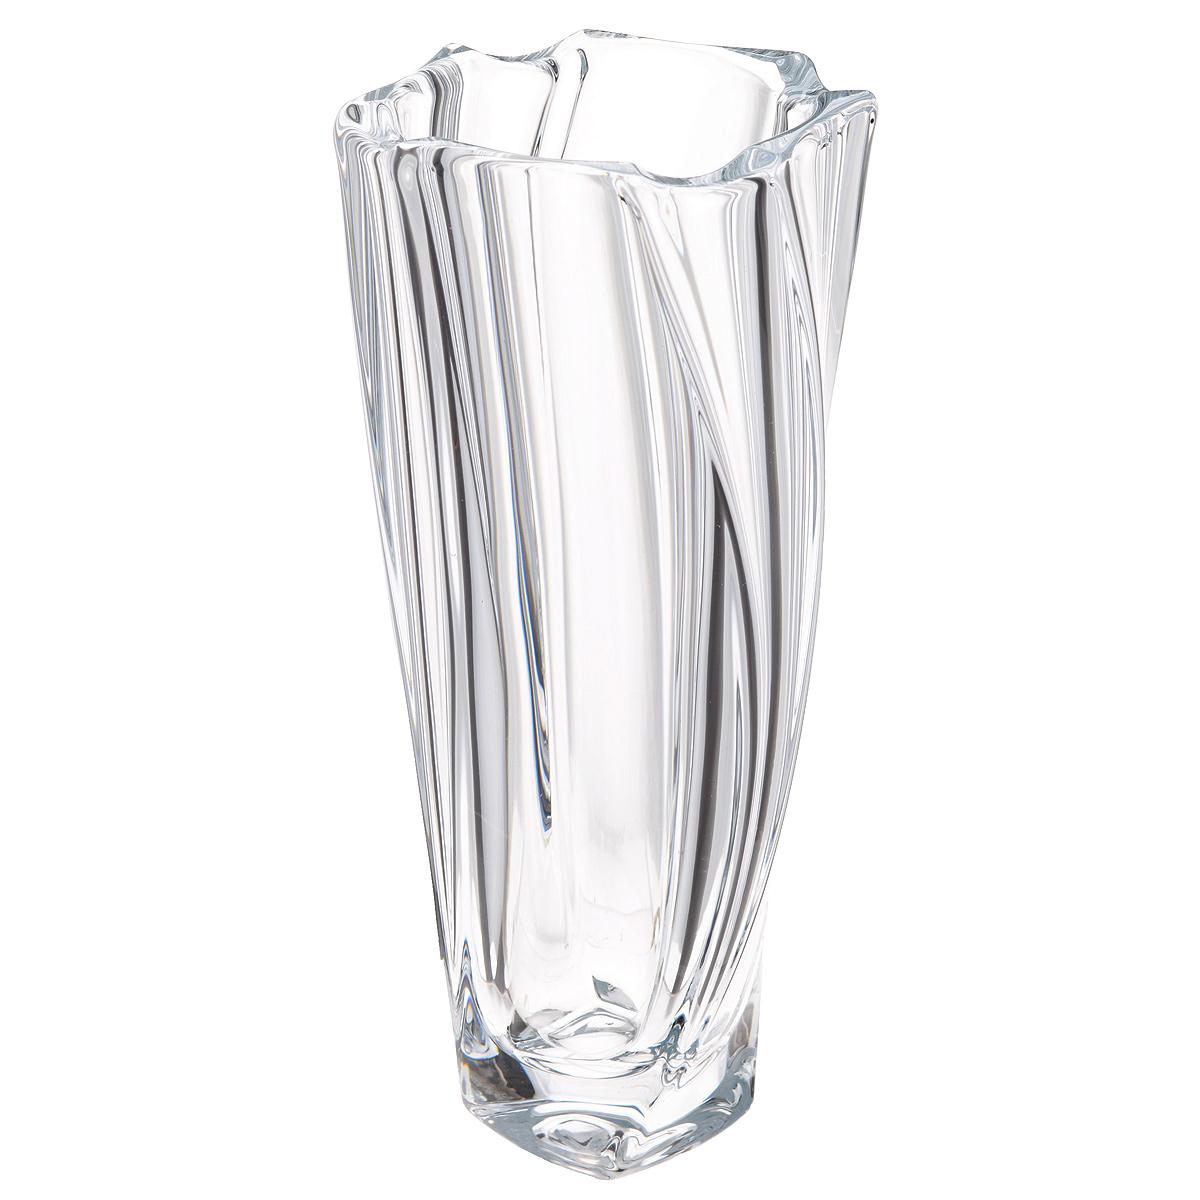 Ваза Crystalite Bohemia Нептун, высота 25,5 см23900Изящная ваза Crystalite Bohemia Нептун изготовлена из прочного утолщенного стекла кристалайт. Она красиво переливается и излучает приятный блеск. Ваза оснащена многогранной рельефной поверхностью и неровными краями, что делает ее изящным украшением интерьера. Ваза Crystalite Bohemia Нептун дополнит интерьер офиса или дома и станет желанным и стильным подарком.